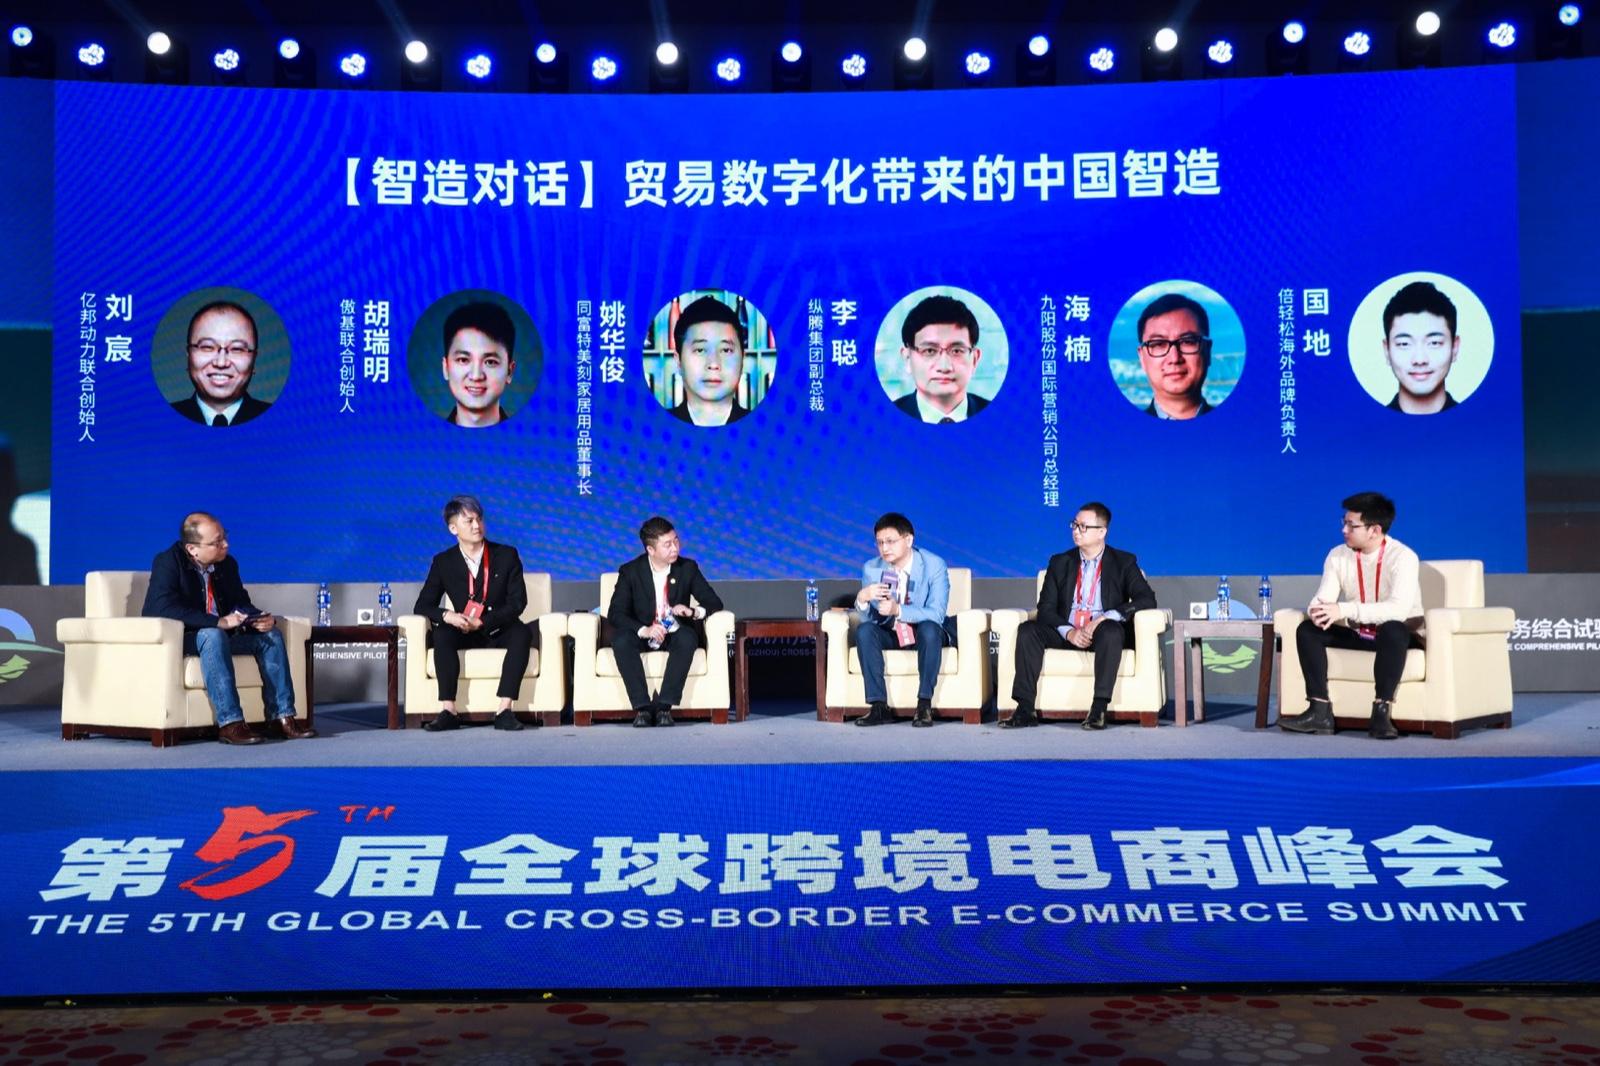 圆桌论坛:跨境电商是品牌成长的加速器